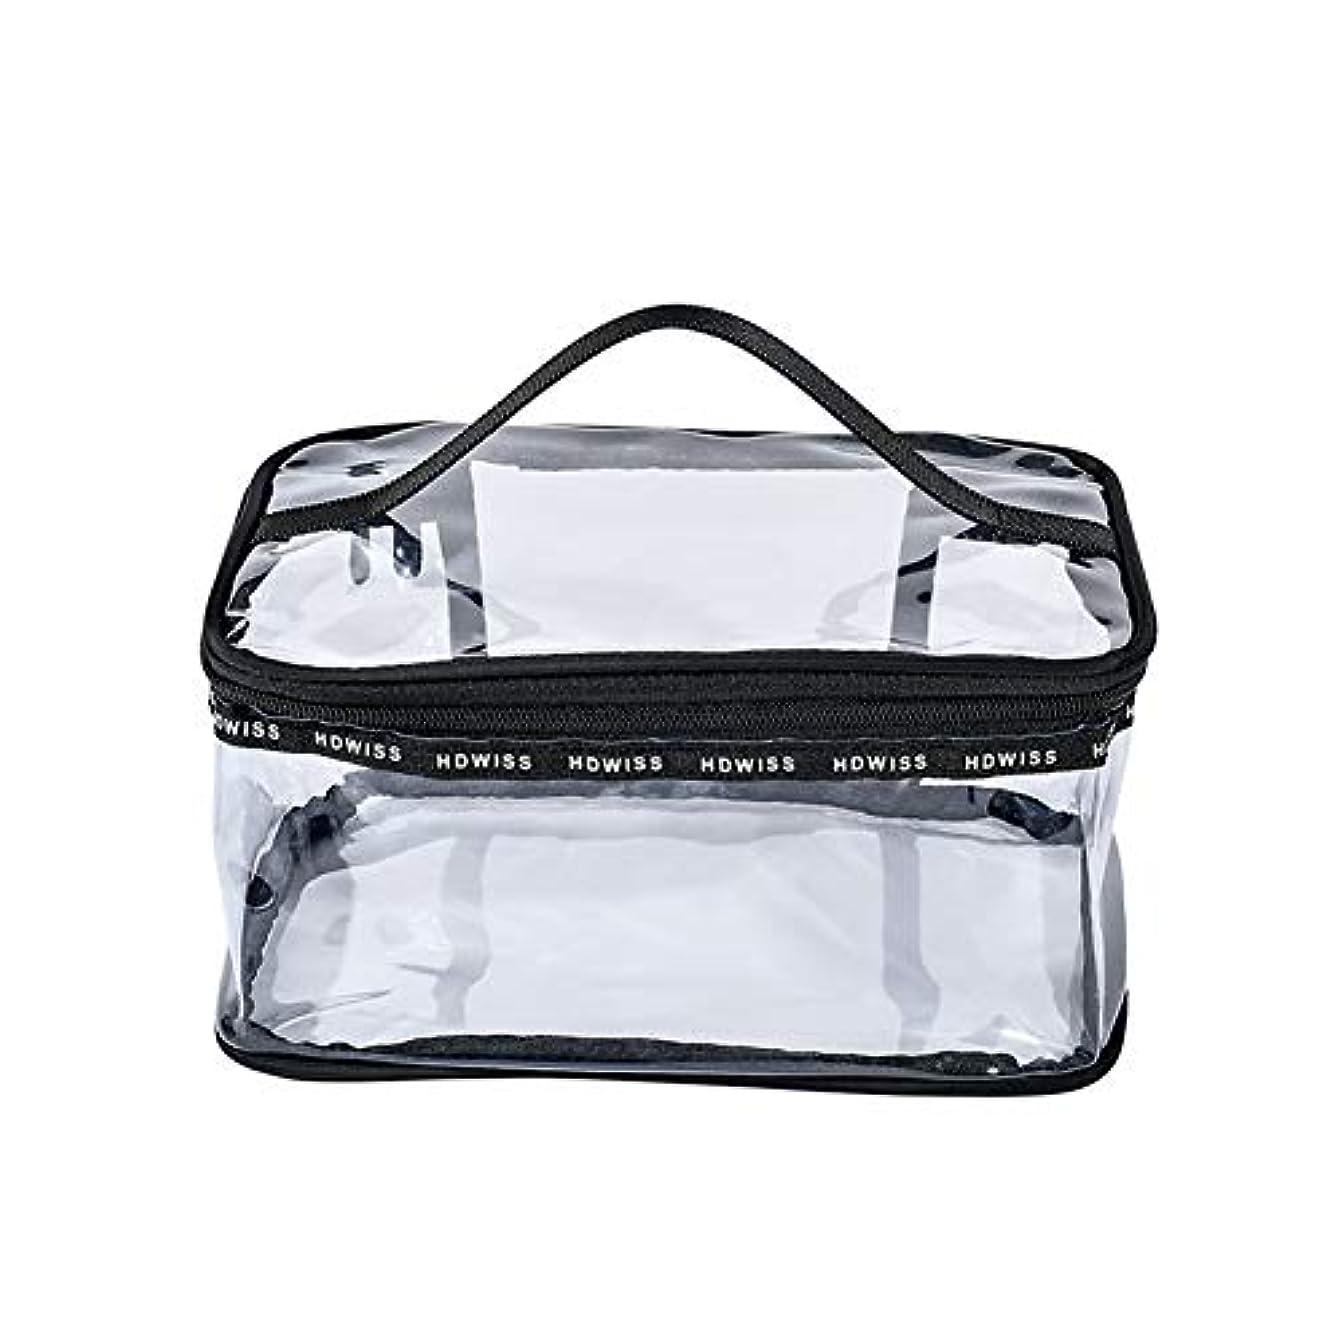 求人時計回りサッカー旅行透明化粧品袋防水大容量ウォッシュバッグジッパークラッチバッグポータブル男性と女性の缶,Large